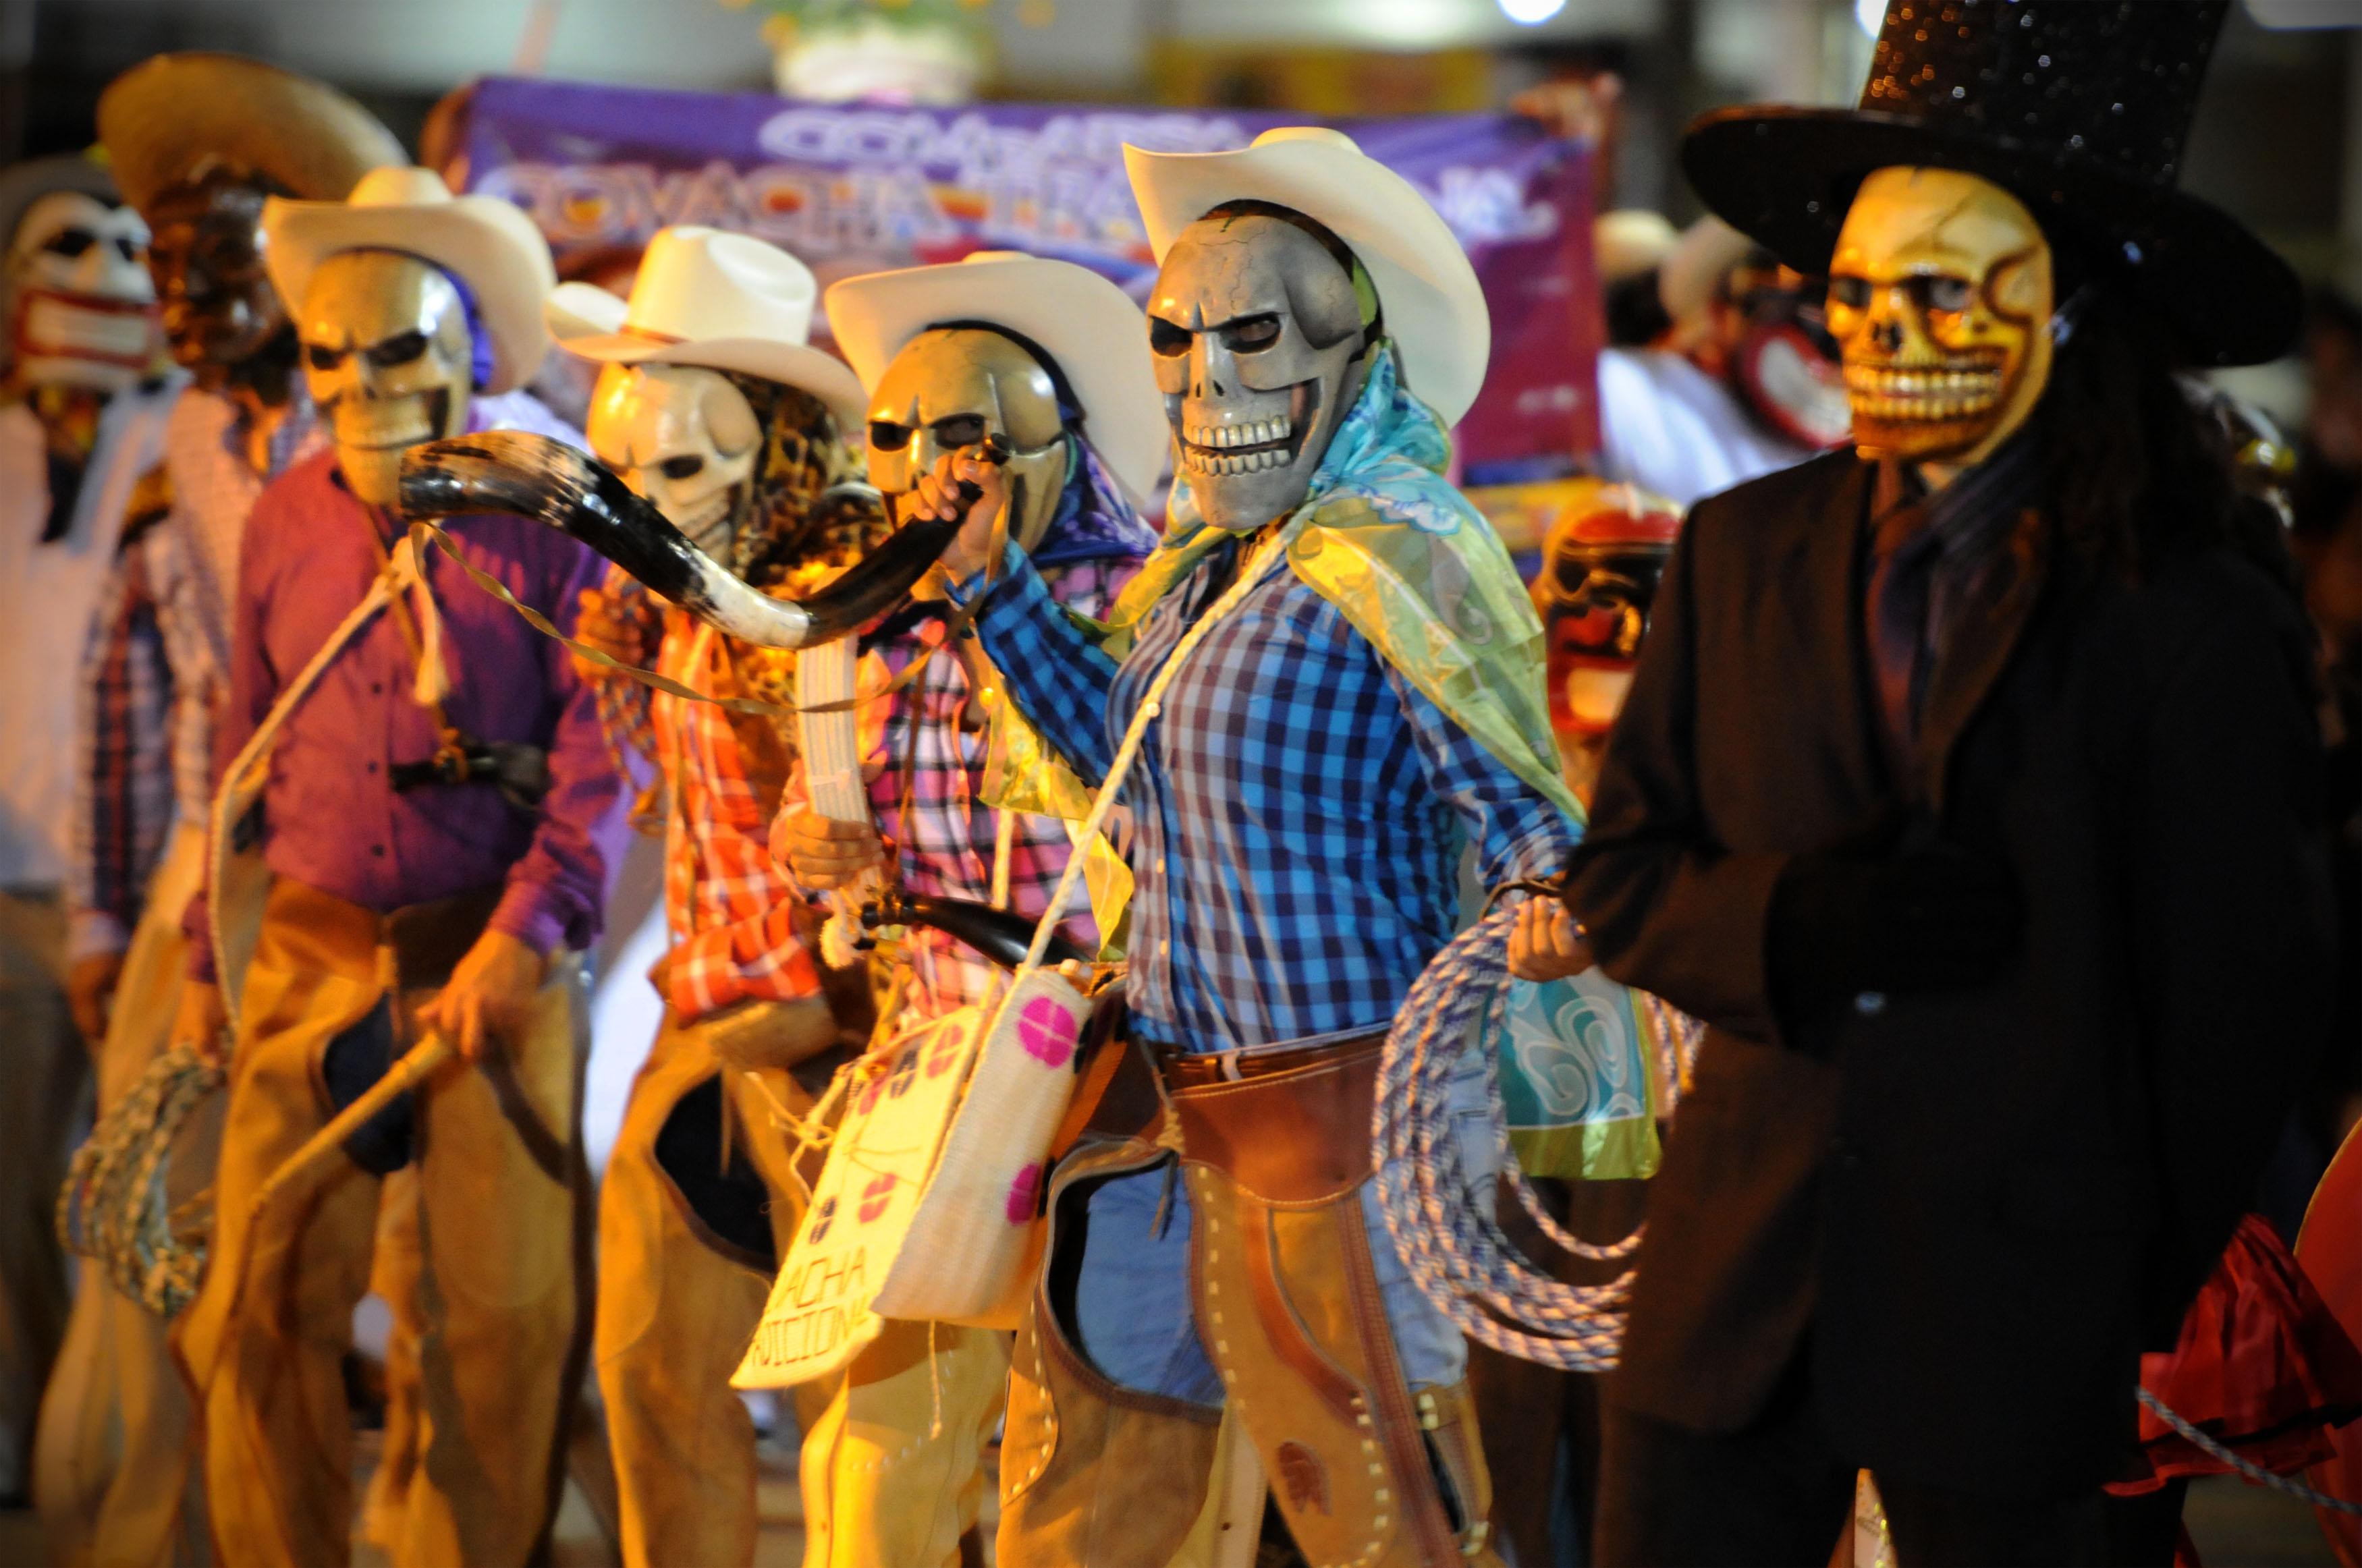 tradiciones raras mexicanas